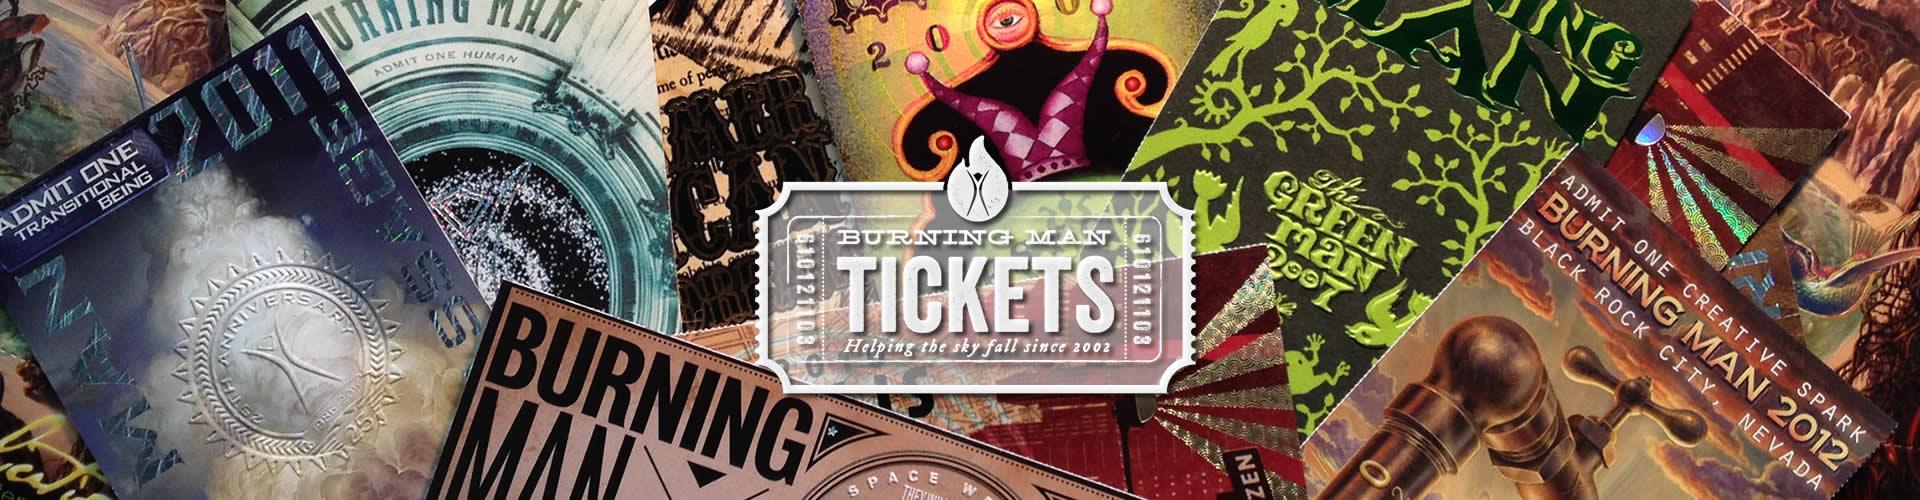 Burning Man 2015 Tickets Information